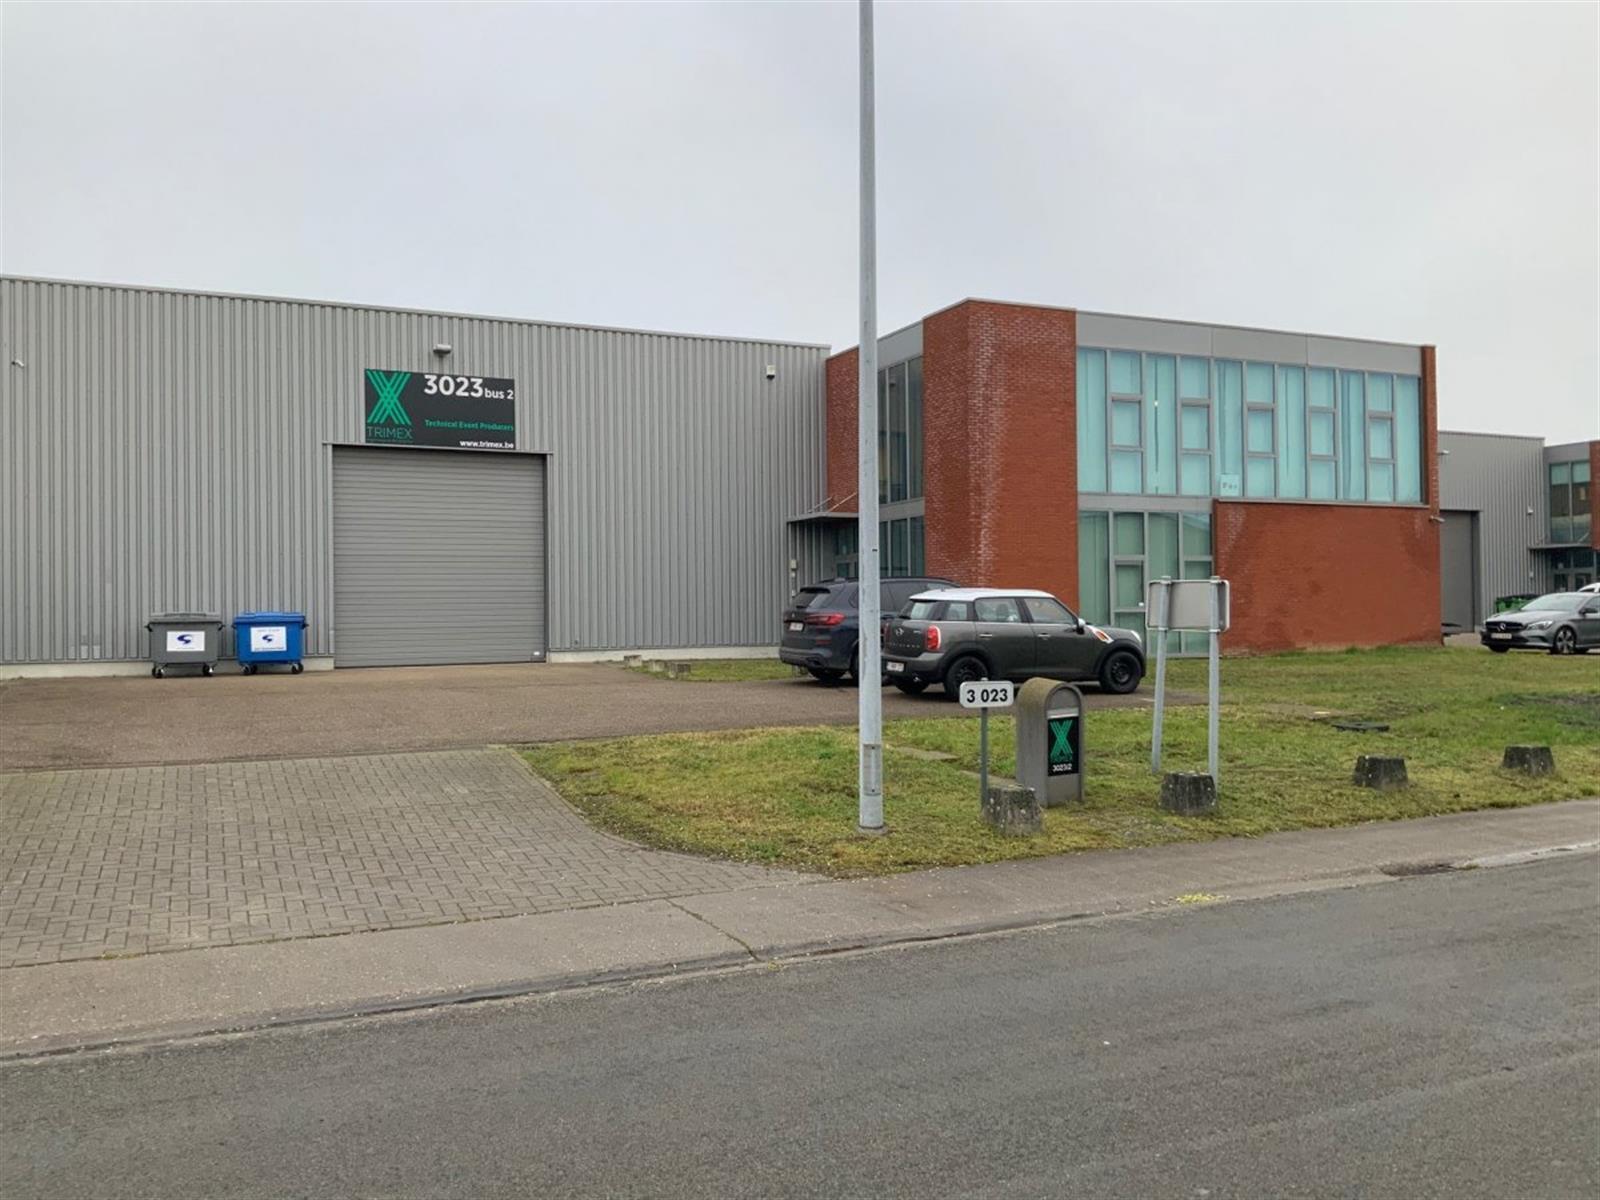 bedrijfsgebouw te koop I122 - Bedrijfsgebouw - Centrum-Zuid 3023 2, 3530 Houthalen-Helchteren, België 2